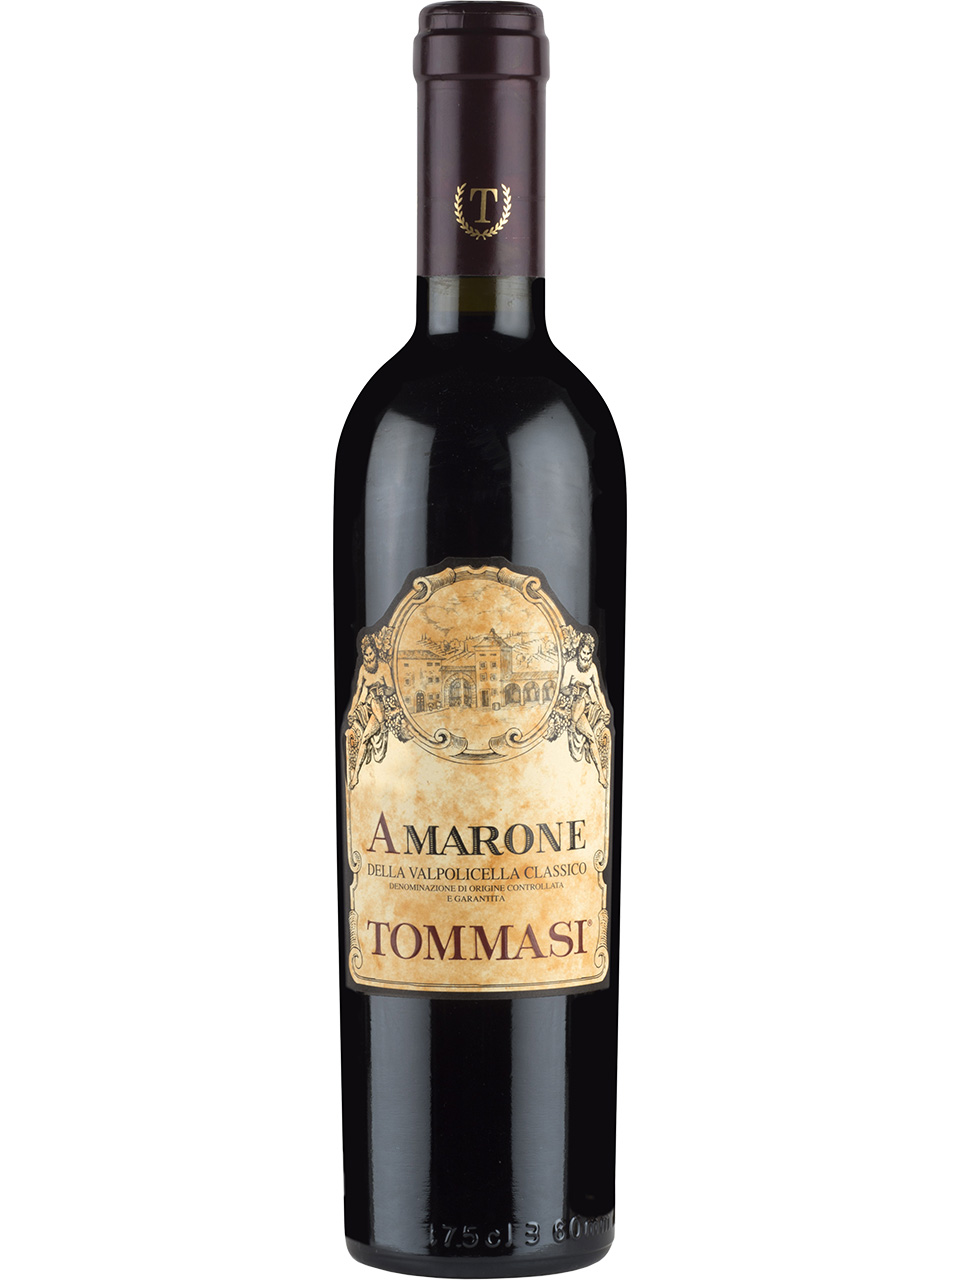 Tommasi Amarone Della Valpolicella Classico DOCG